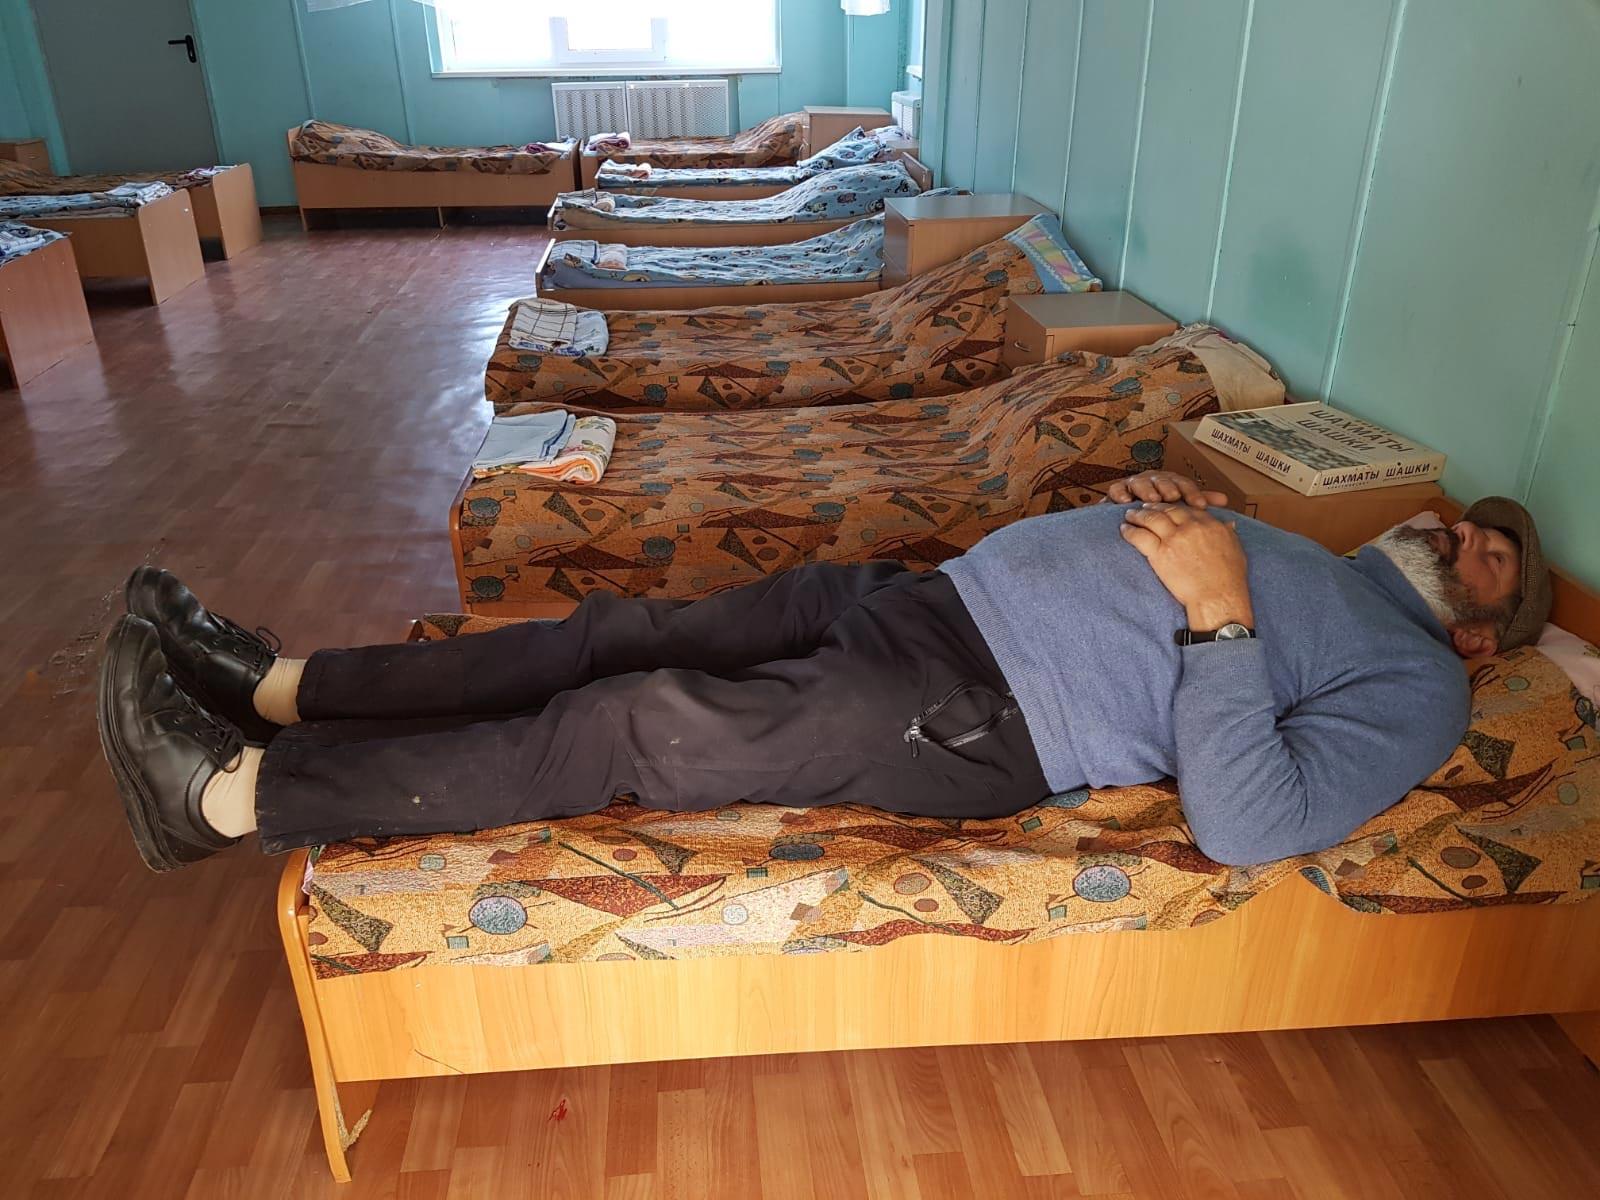 Titanen on tour - heute schlafen im Kindergruppenraum